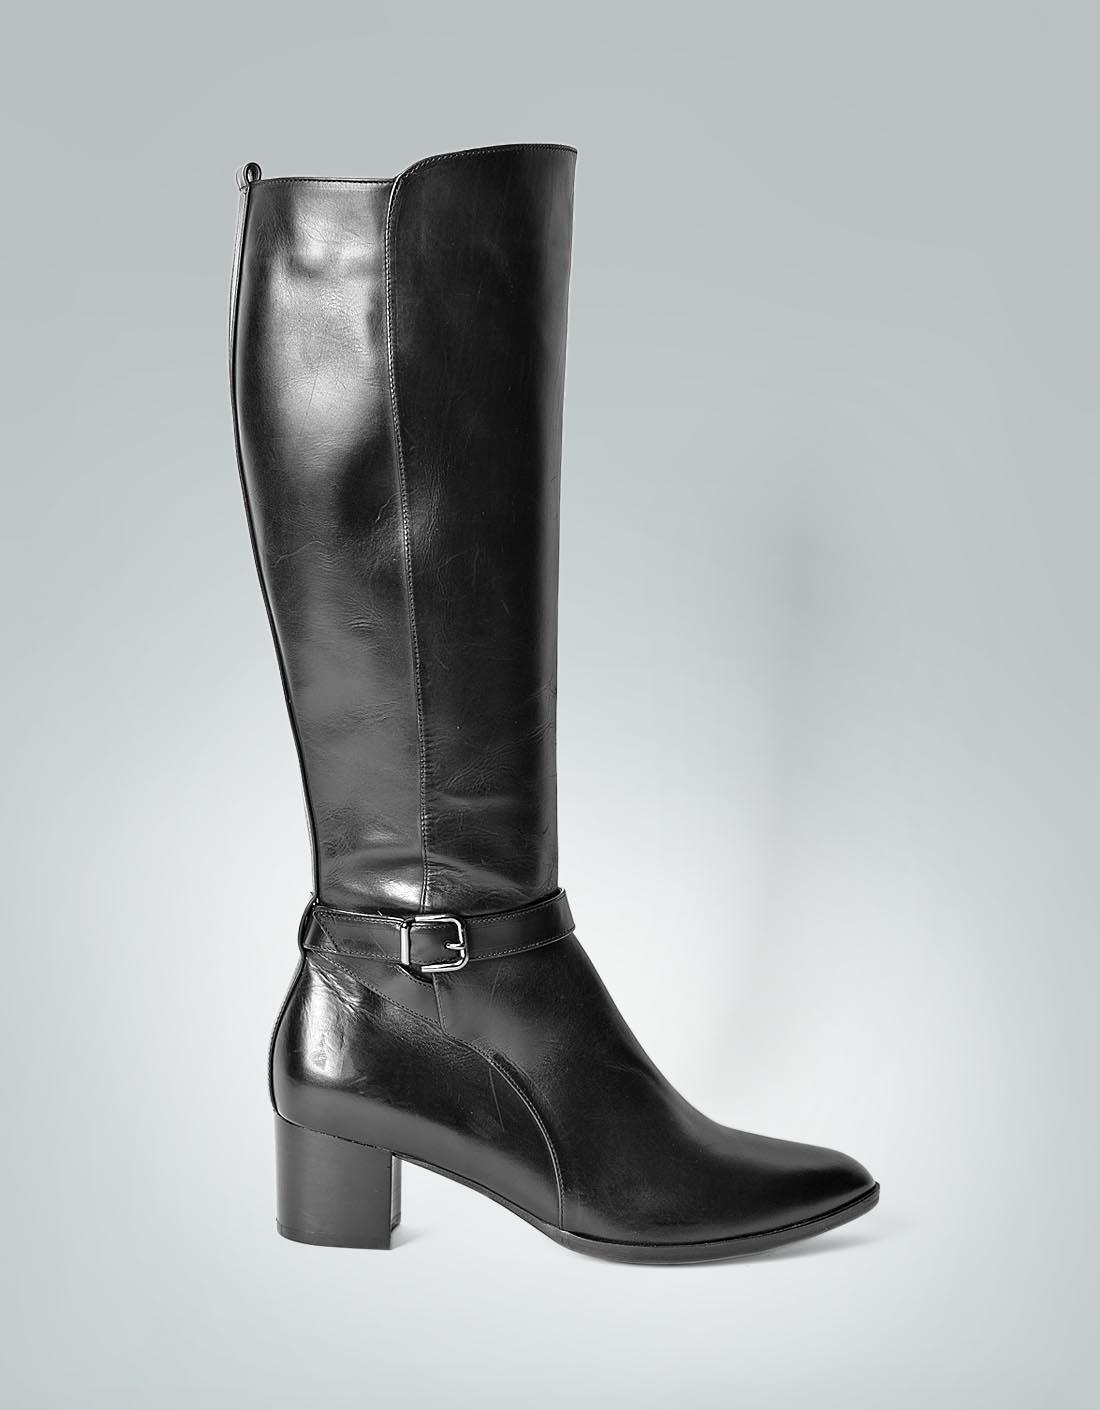 reputable site 273f3 96cb6 högl Damen Stiefel schwarz mit weichem Futter empfohlen von ...